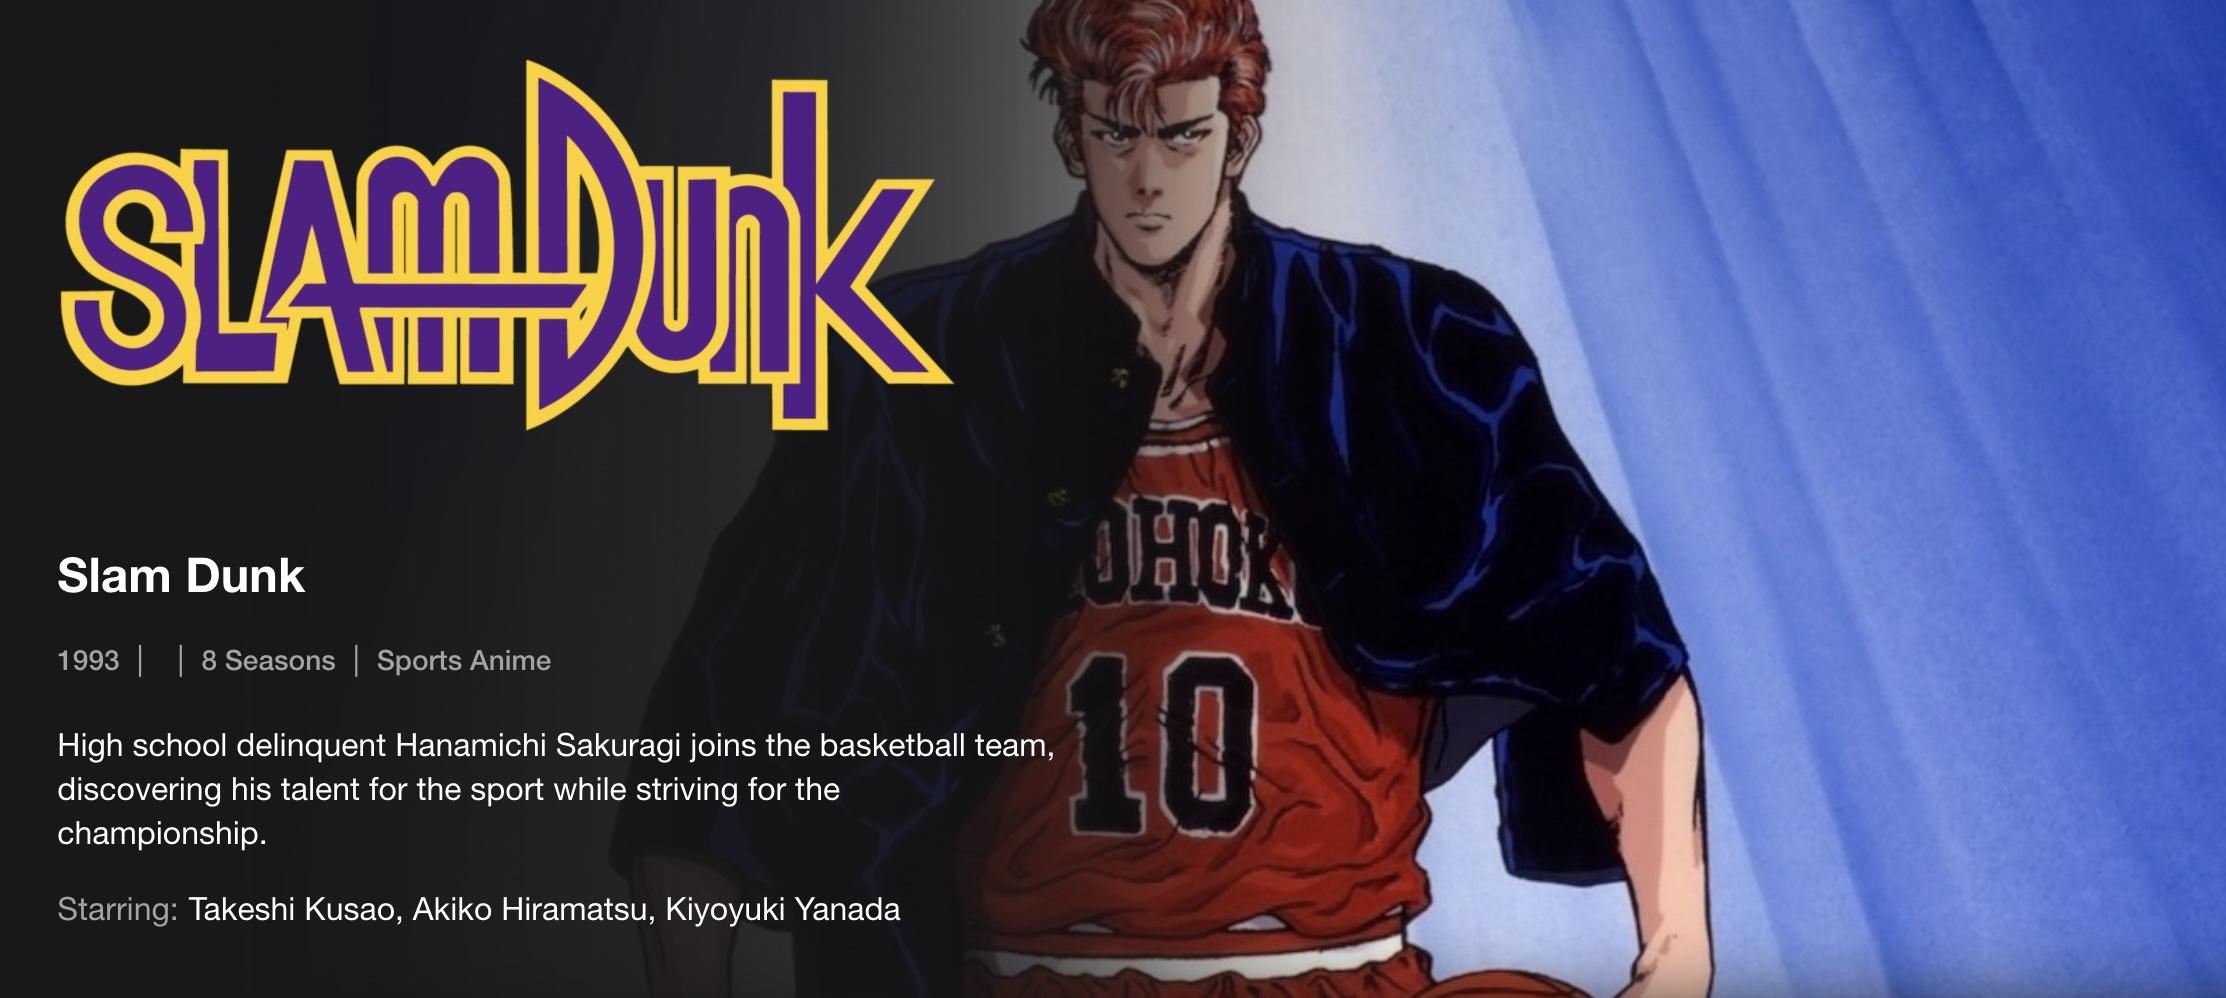 Slam Dunk on Netflix